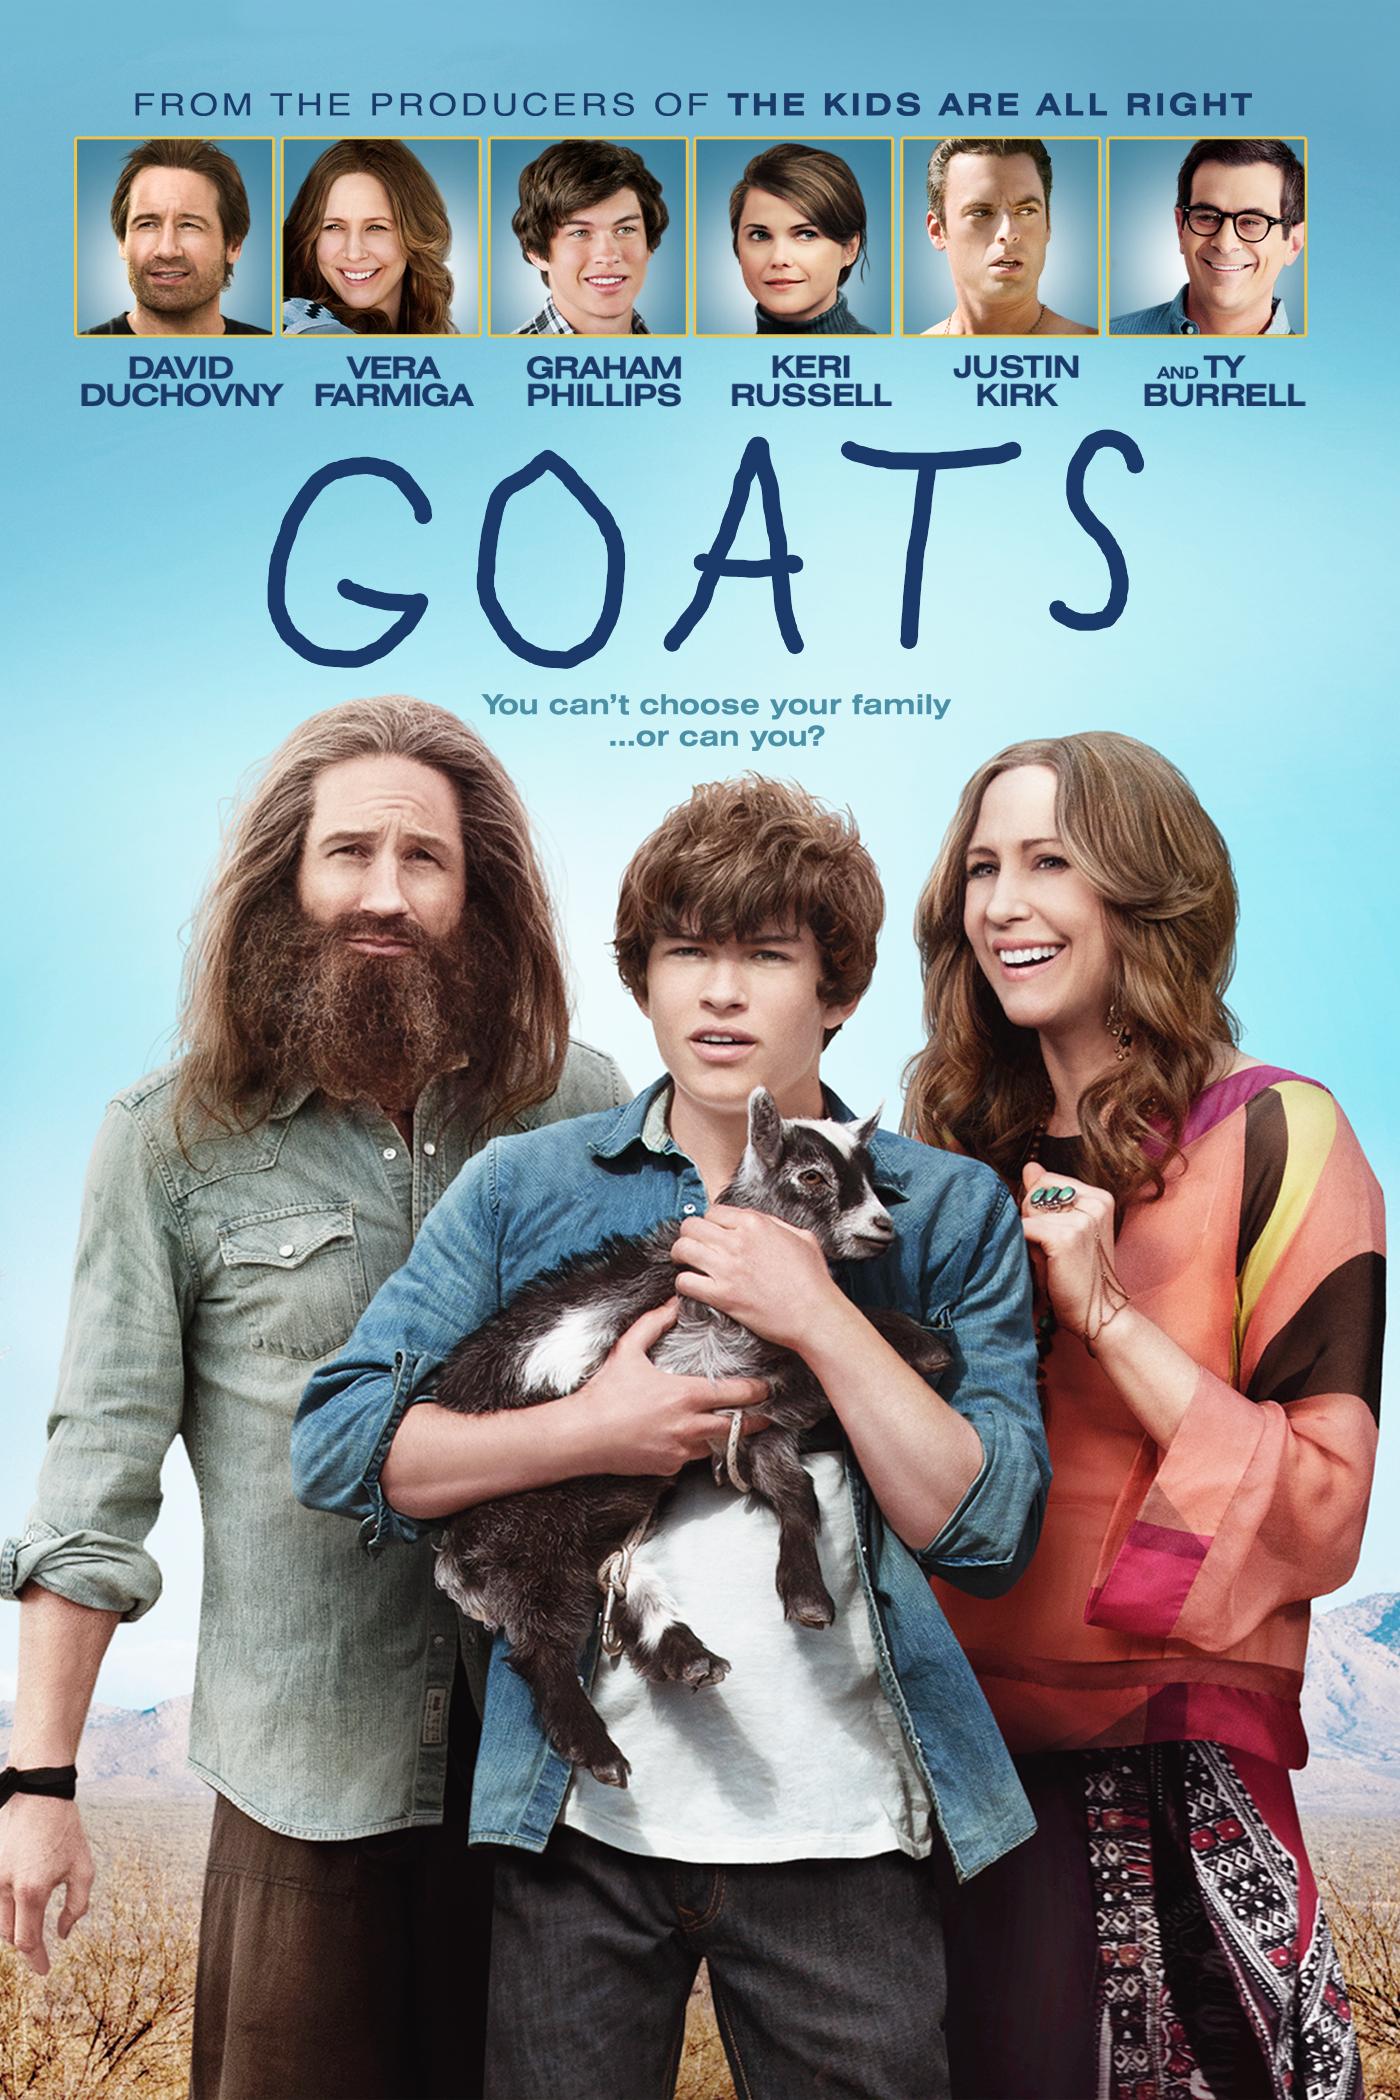 goats-poster-artwork-david-duchovny-vera-farmiga-graham-phillips.jpg